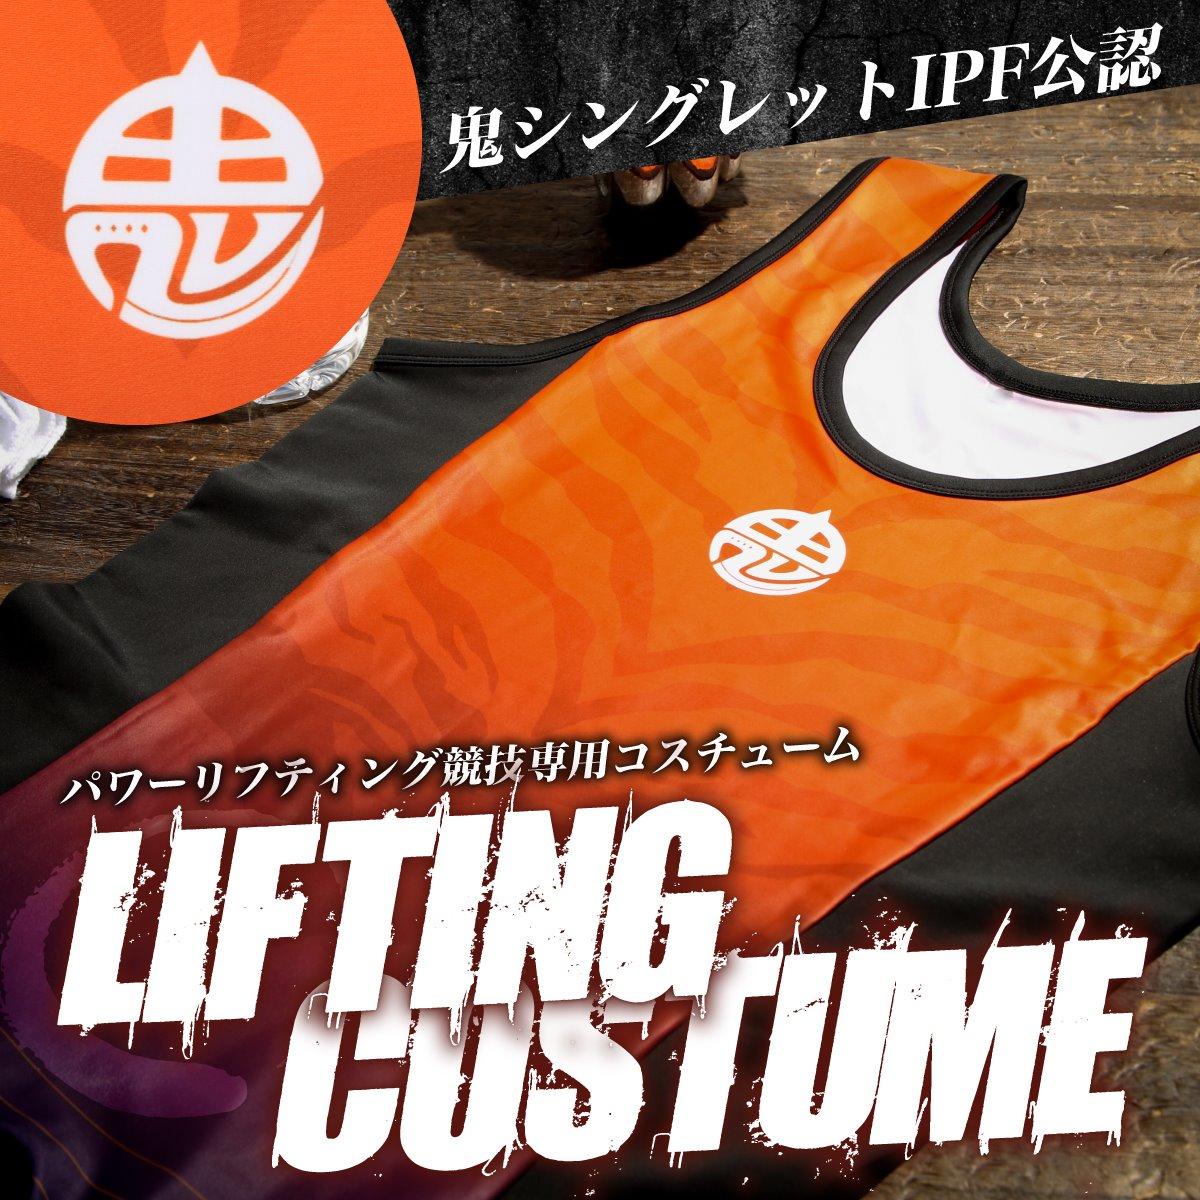 鬼シングレットIPF公認 HERO JAPAN!! つりパン リフティングスーツ 送料無料